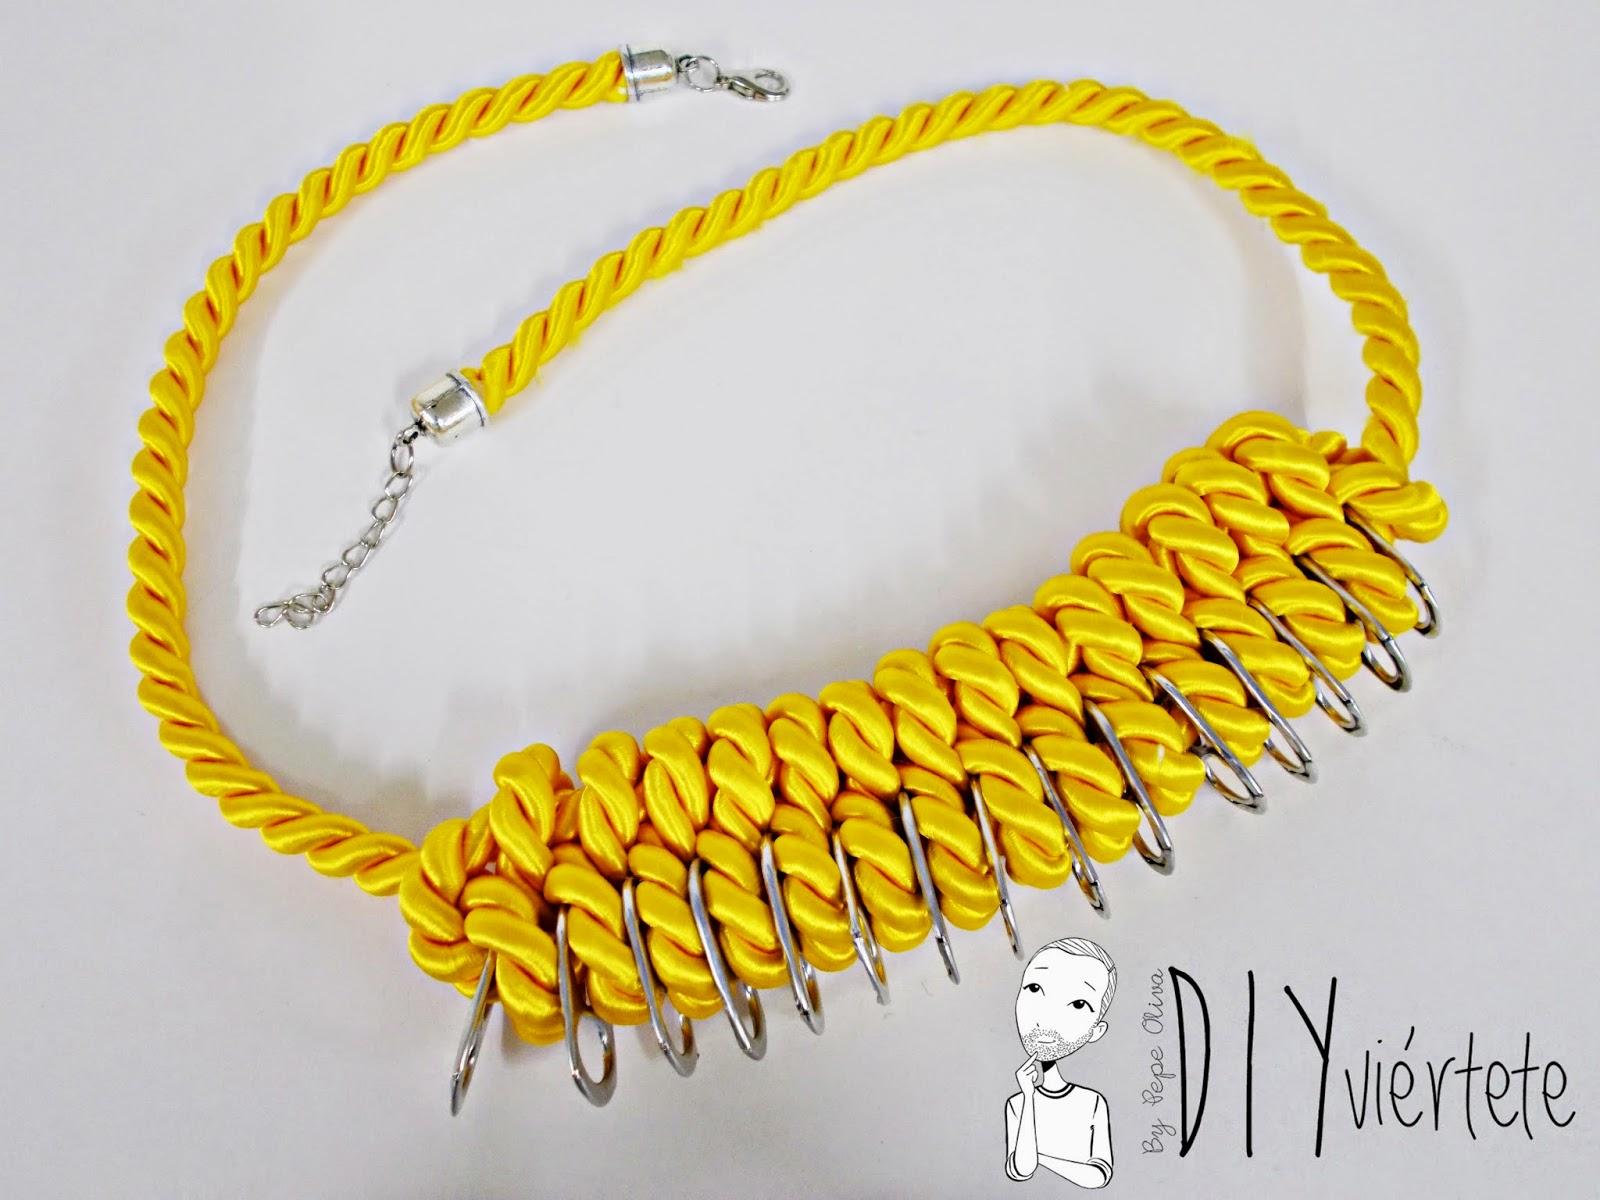 DIY-collar nudos-bisutería-hebillas refrescos-reciclar-reutilizar-1